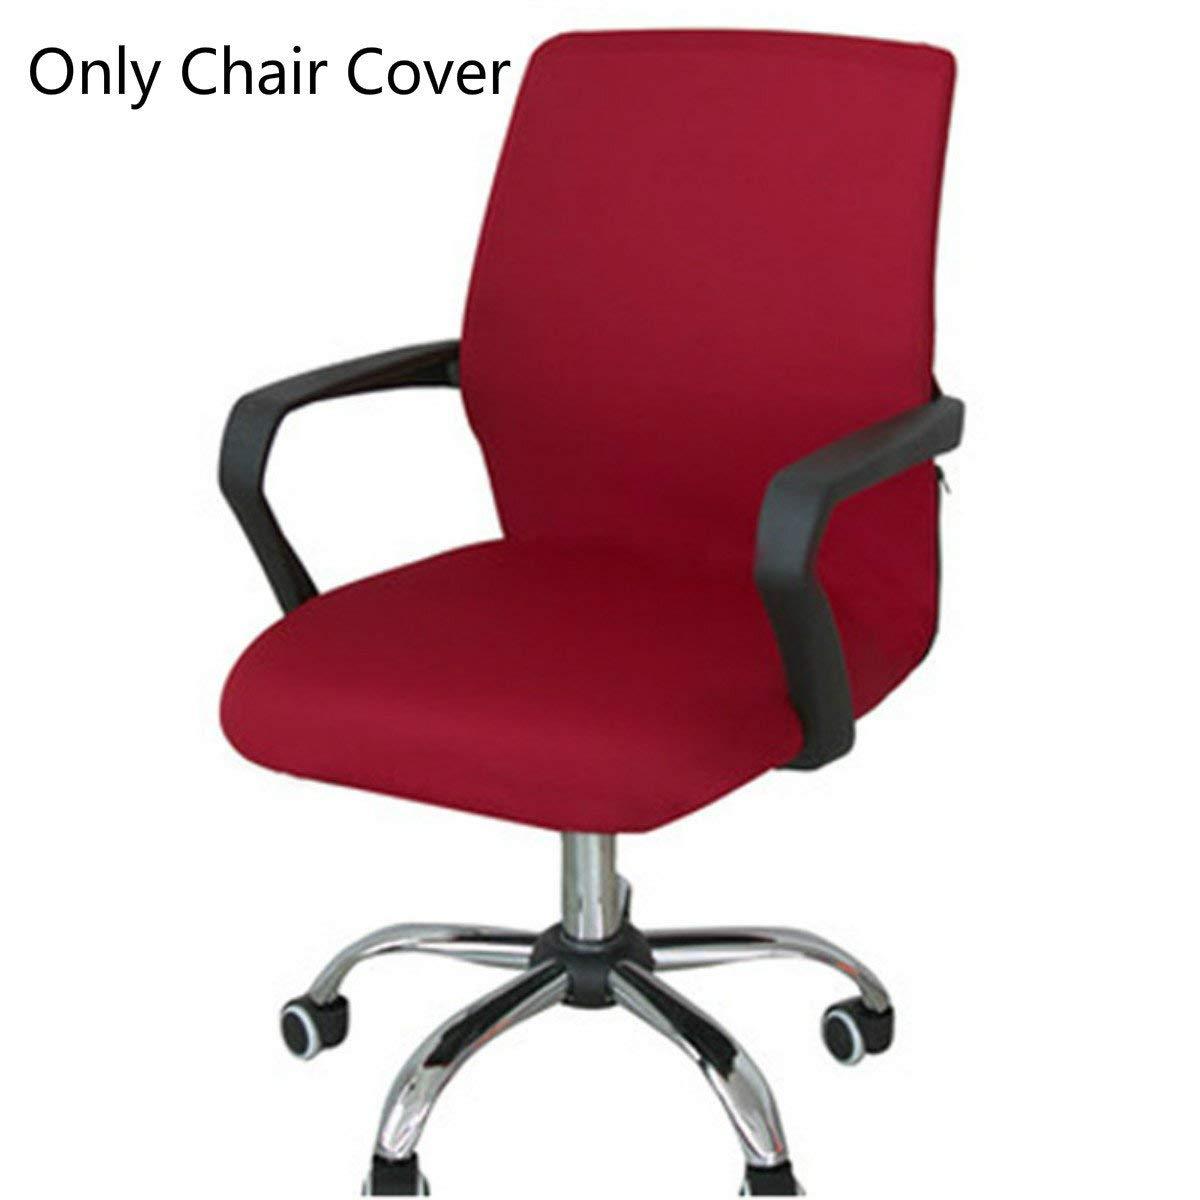 rot Large Bezug f/ür Sessel drehbar Stuhl Nicht im Lieferumfang enthalten Caveen B/ürostuhl-Bezug Computerstuhl abnehmbar dehnbar Schonbezug f/ür B/üro